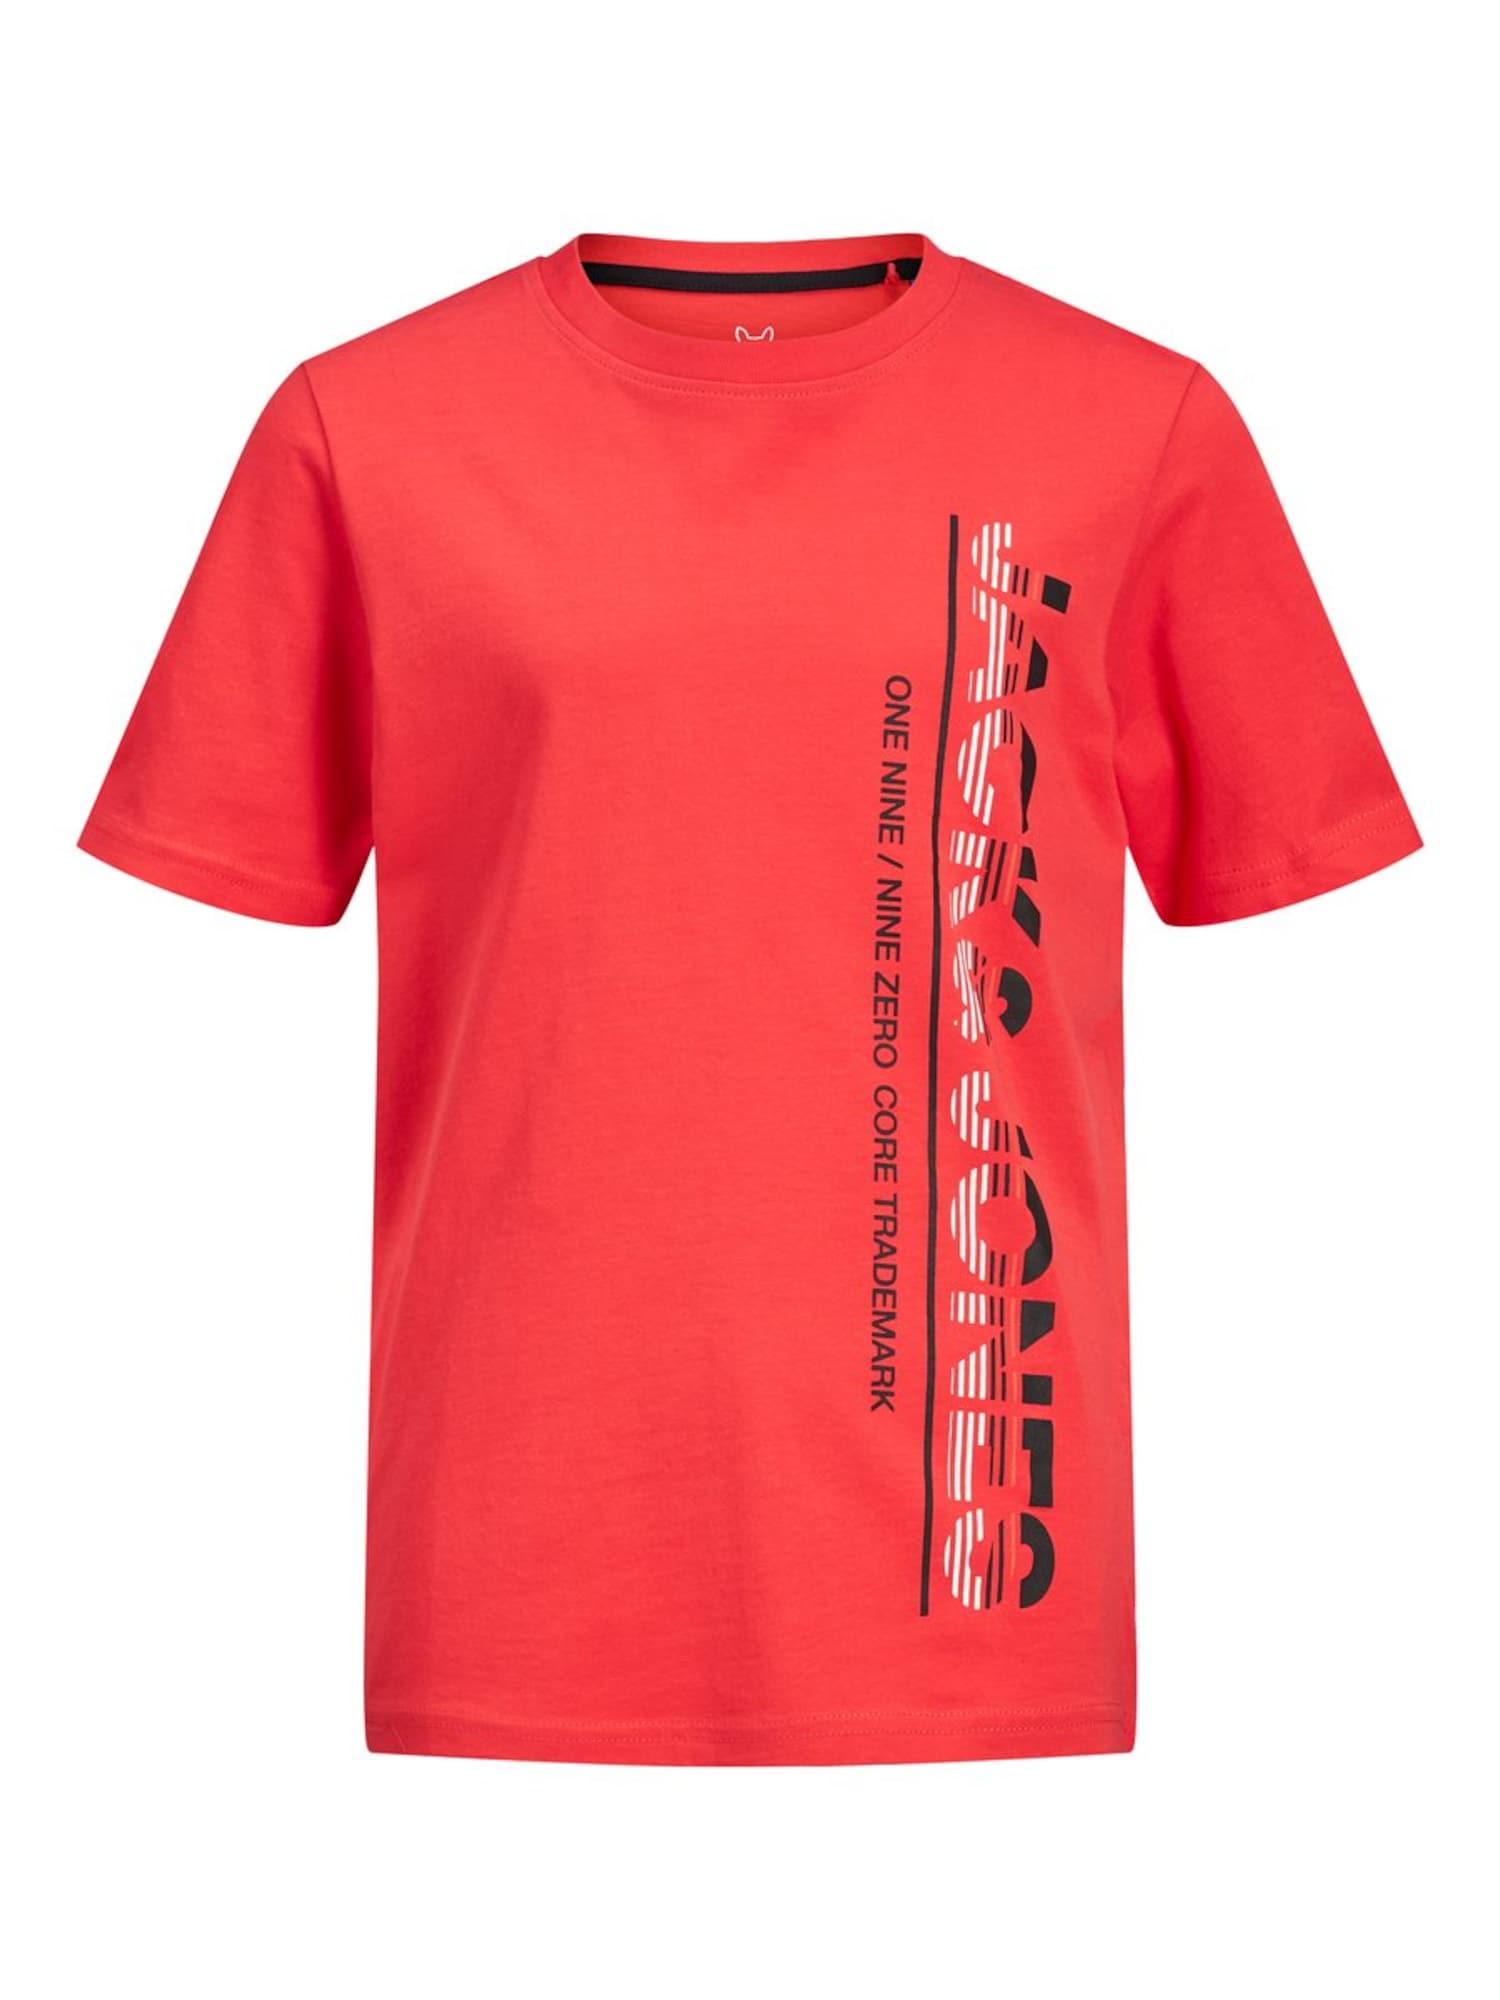 Jack & Jones Junior Marškinėliai šviesiai raudona